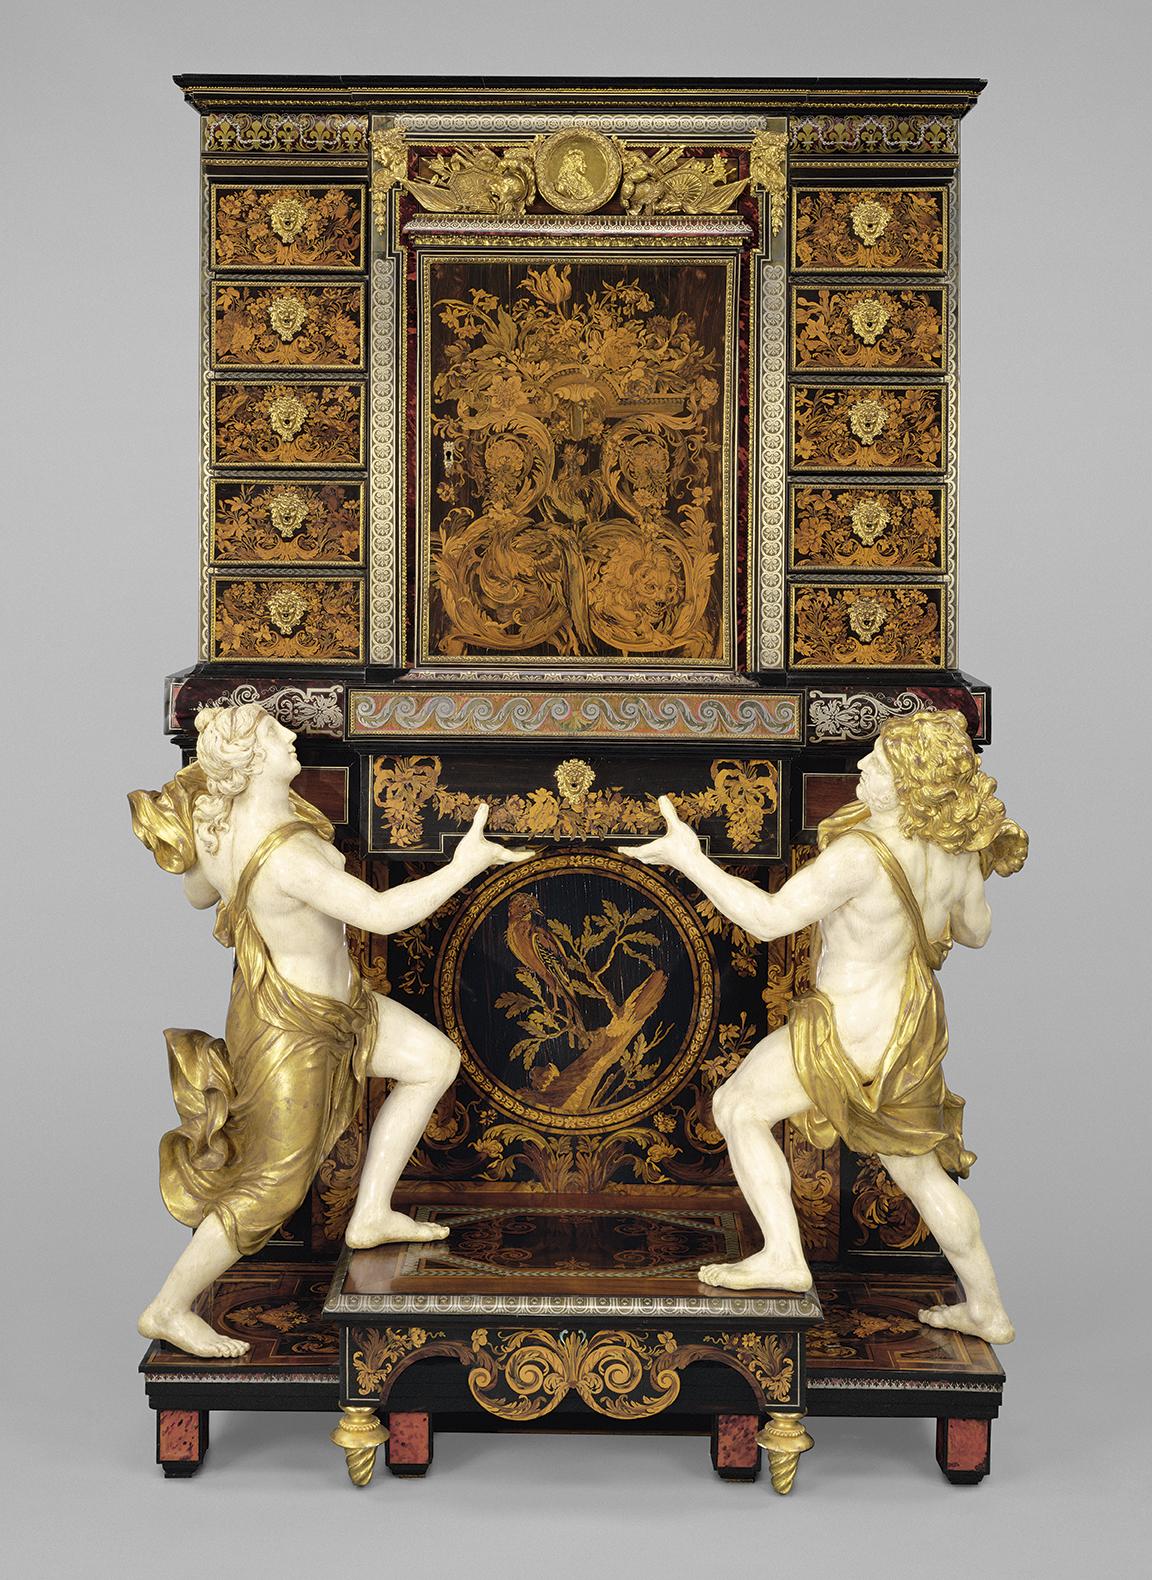 André Charles Boulle (attribué à), Cabinet, vers 1675-1680, chêne, ébène, marqueterie de bois,écaille de tortue, corne, ivoire, bronze do